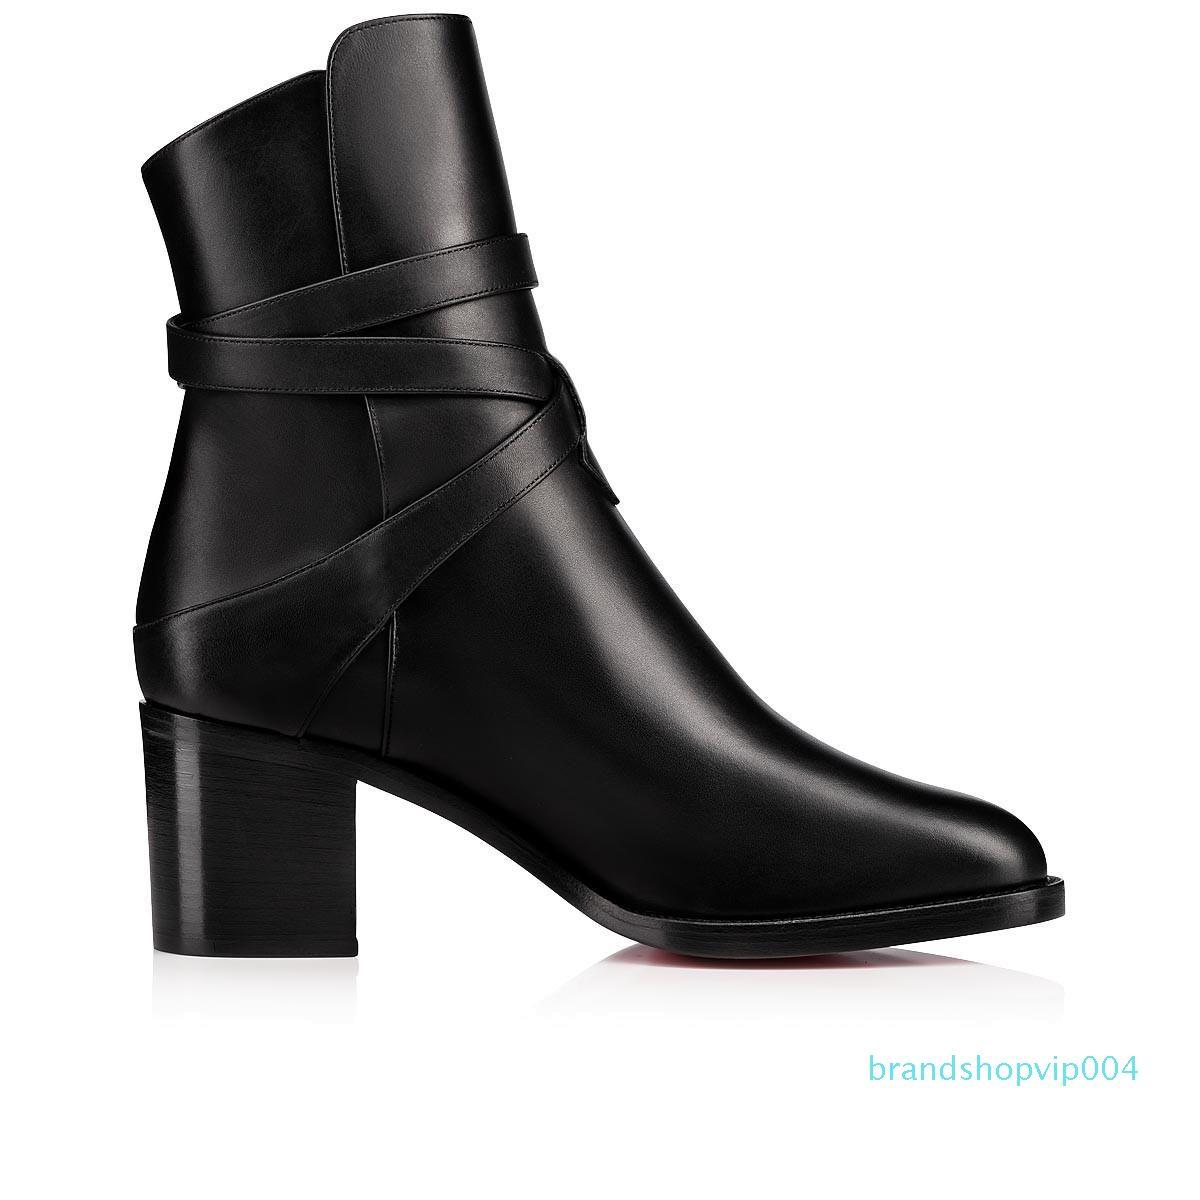 Ladys Stiefel aus Kalbsleder-echtes Leder-rote untere Aufladungen für Frauen Karistrap bootie hohe Stiefel mit Blockabsatz Stiefeletten mit Riemen High Heels